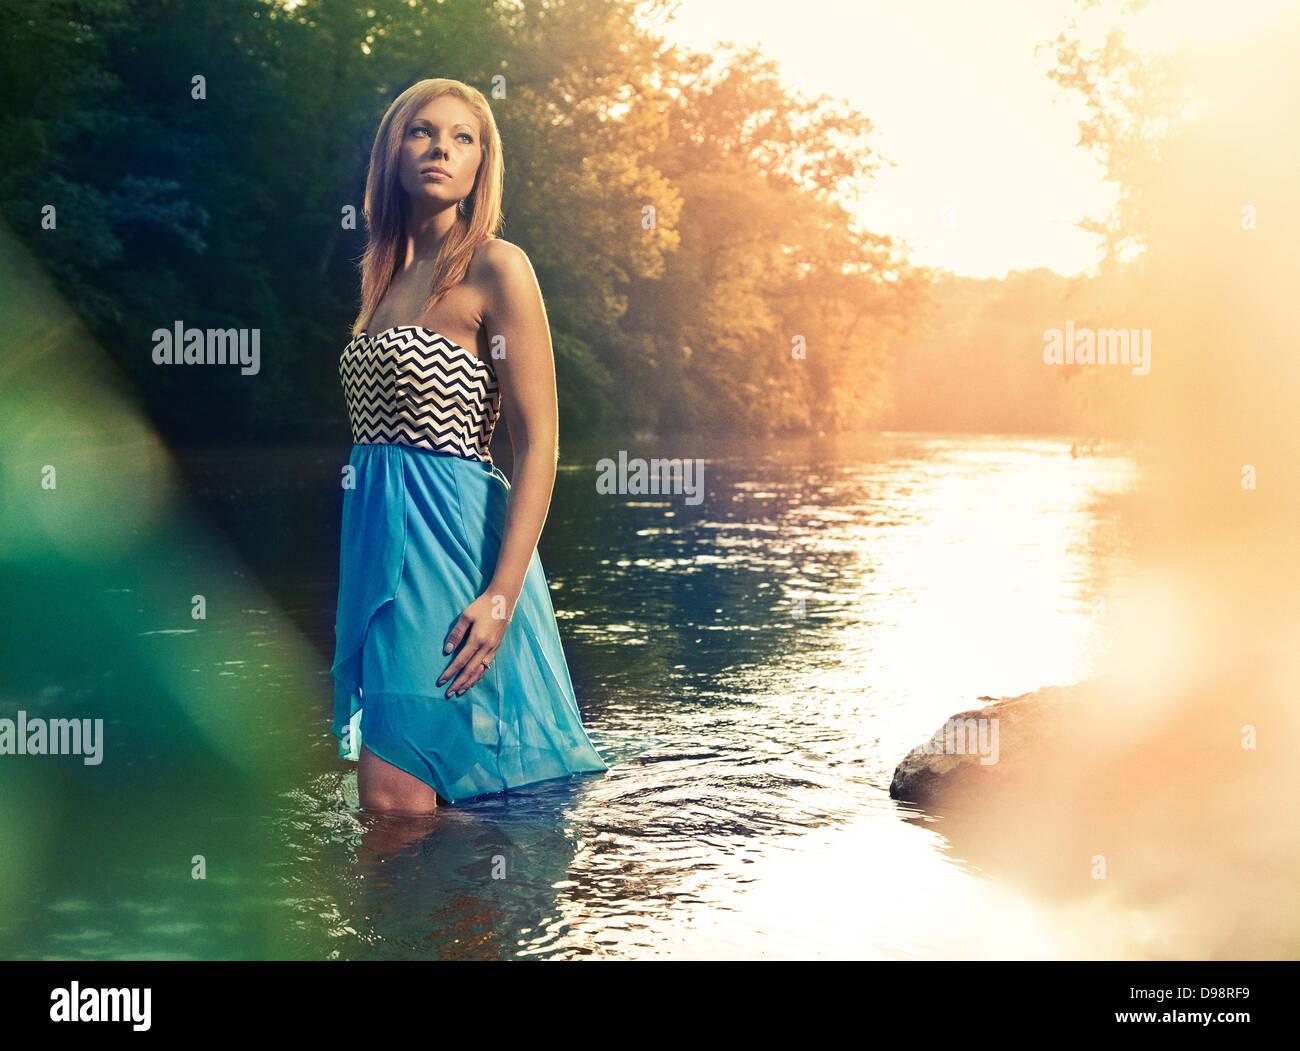 Donna in vestito blu a camminare nel fiume durante il tramonto Immagini Stock